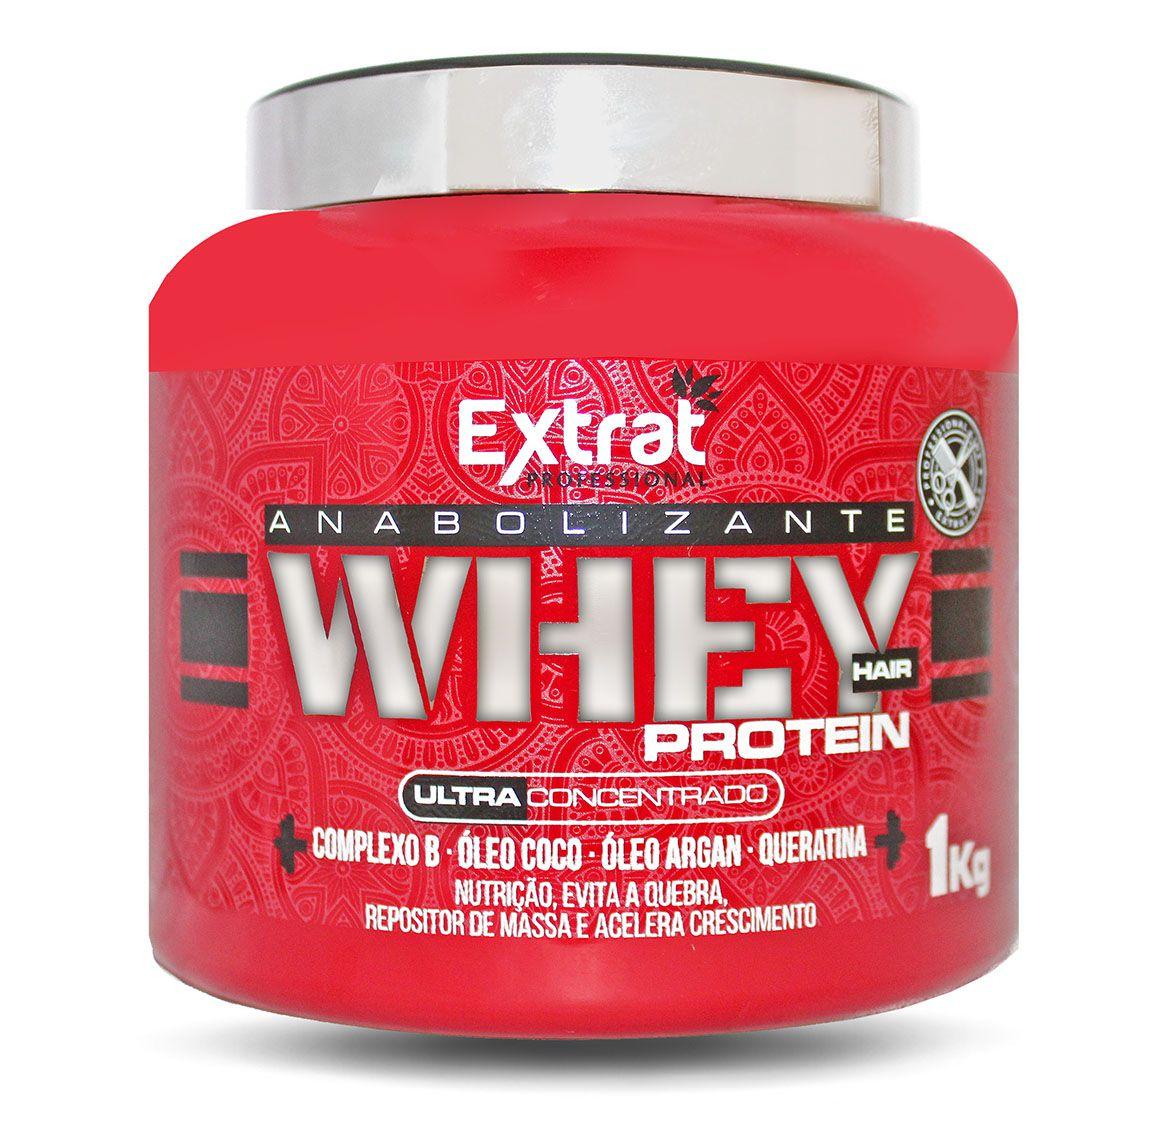 Whey Protein Anabolizante Capilar 1kg